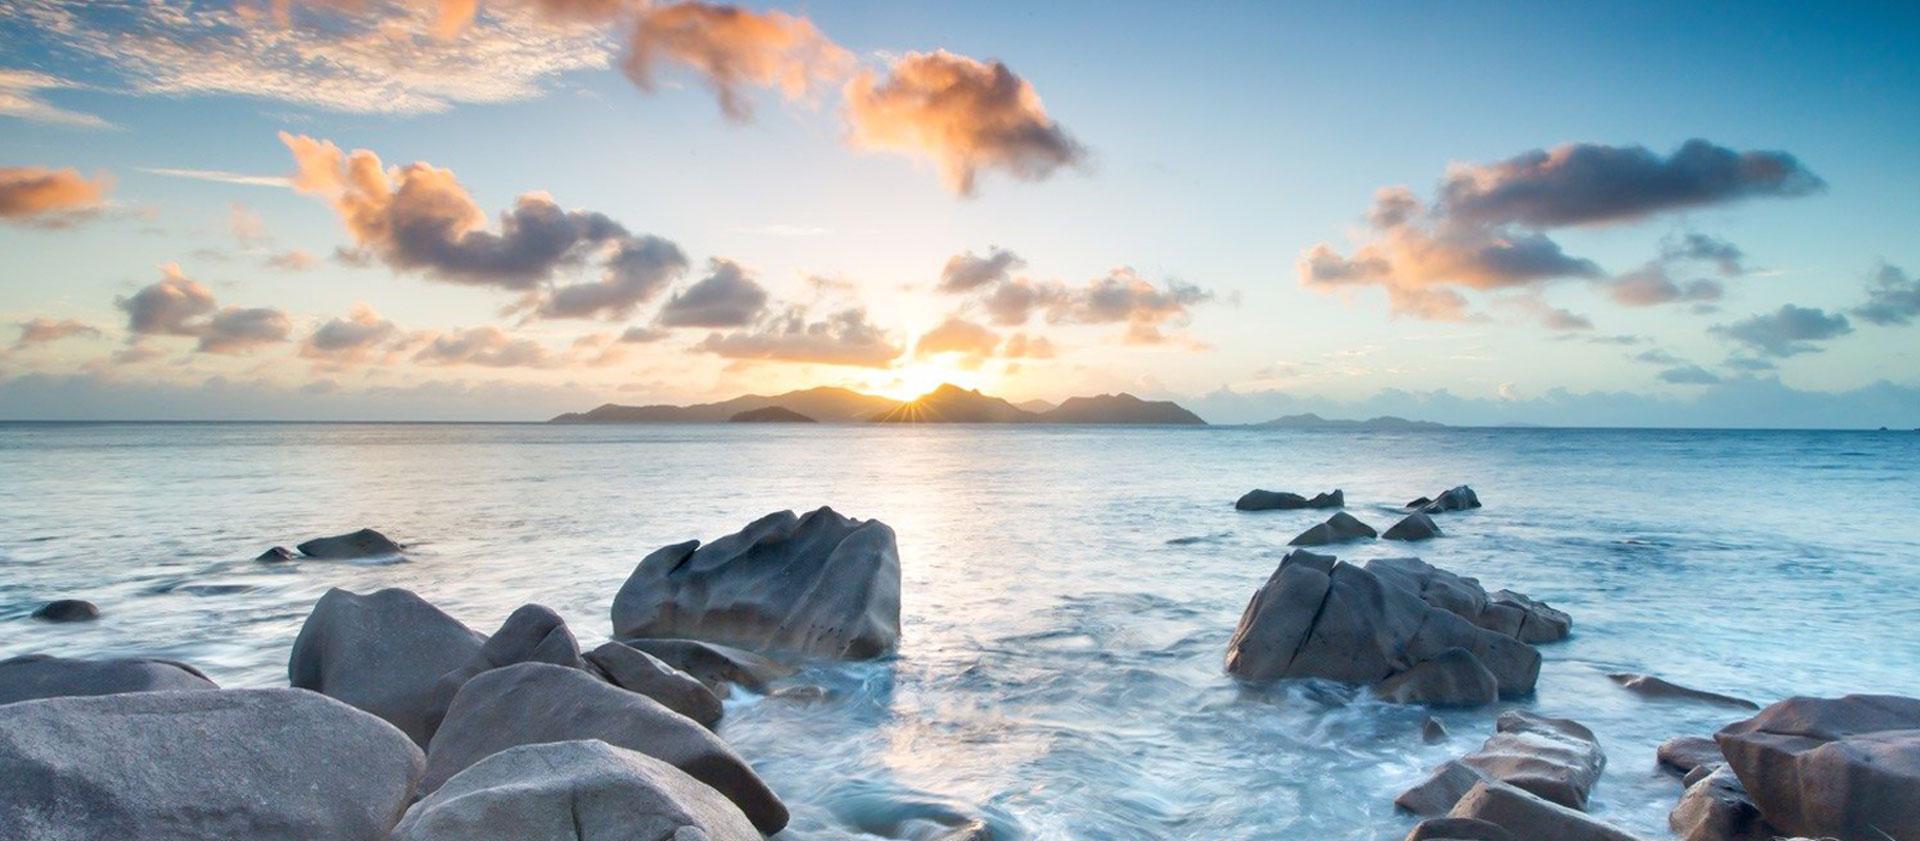 اشتباهات رایج عکاسی از دریا که باید از آنها جلوگیری کنید